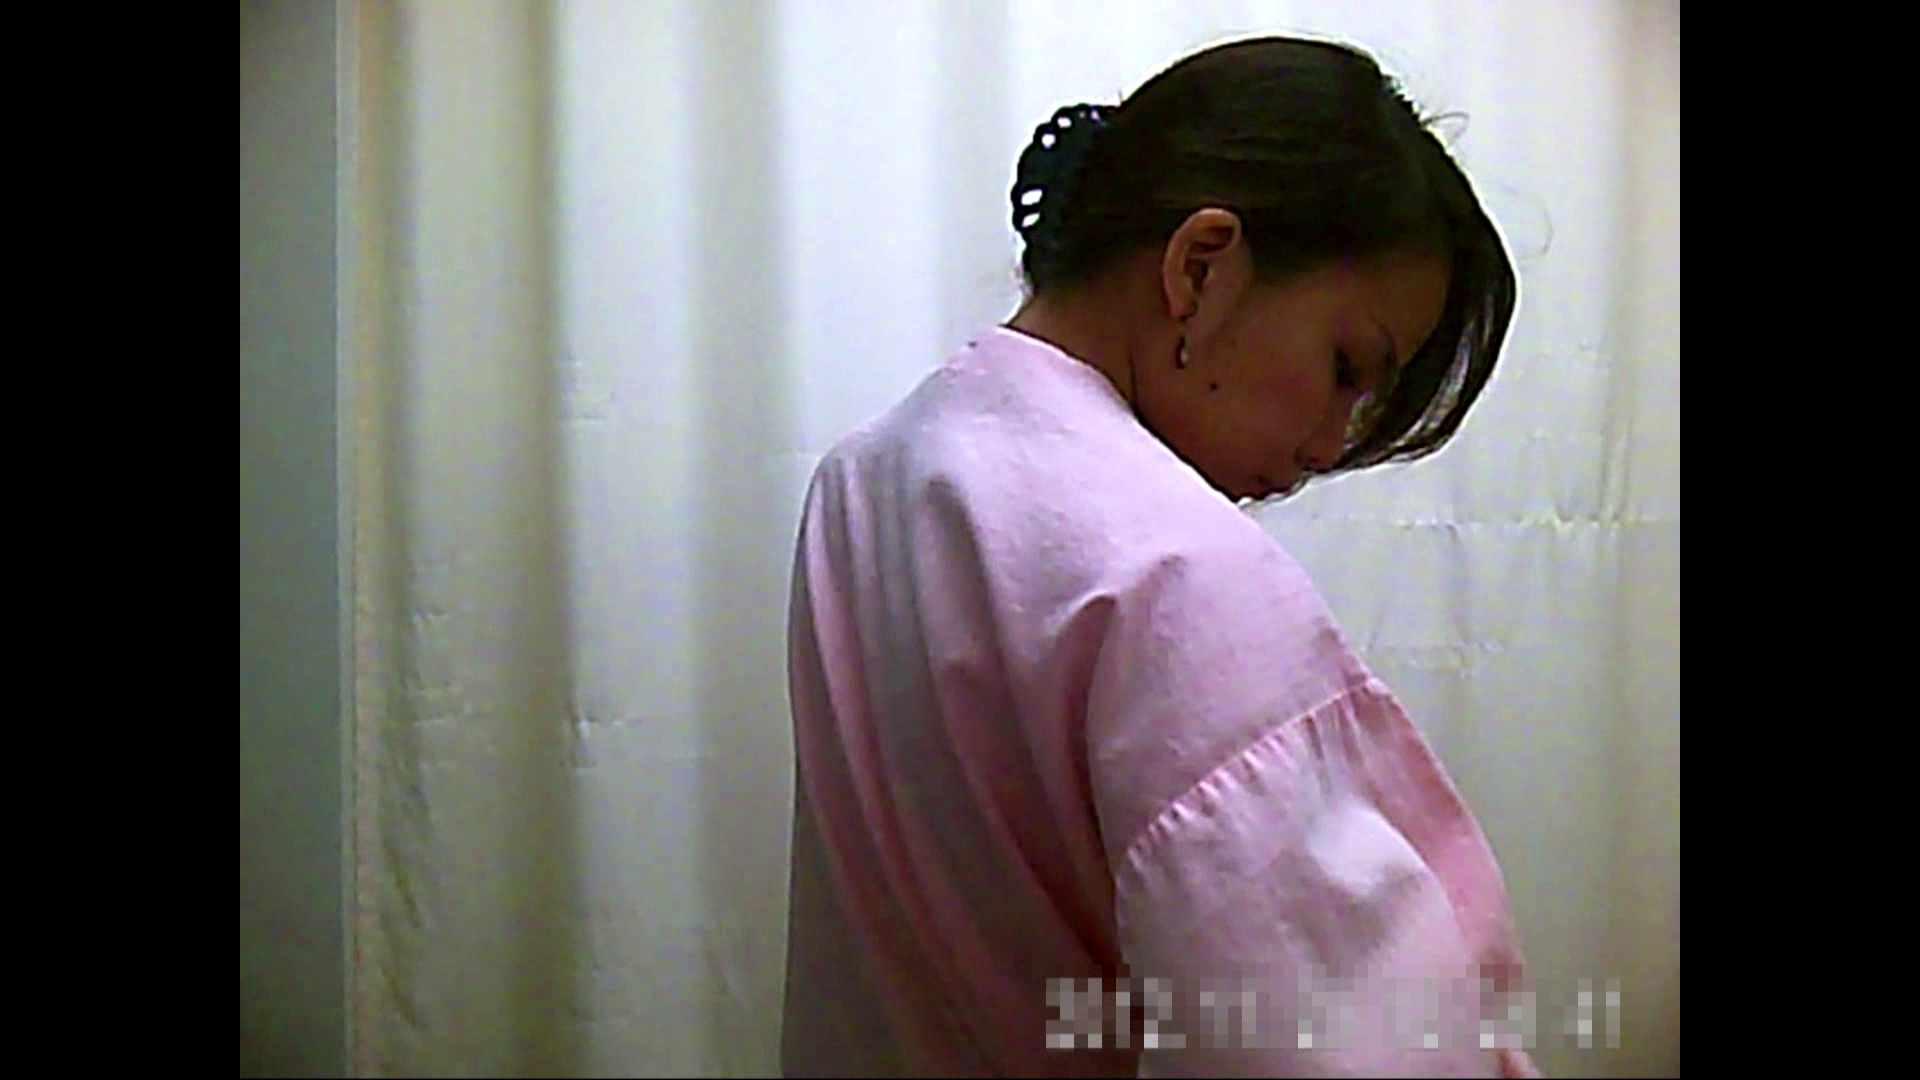 元医者による反抗 更衣室地獄絵巻 vol.141 OLハメ撮り  78Pix 11